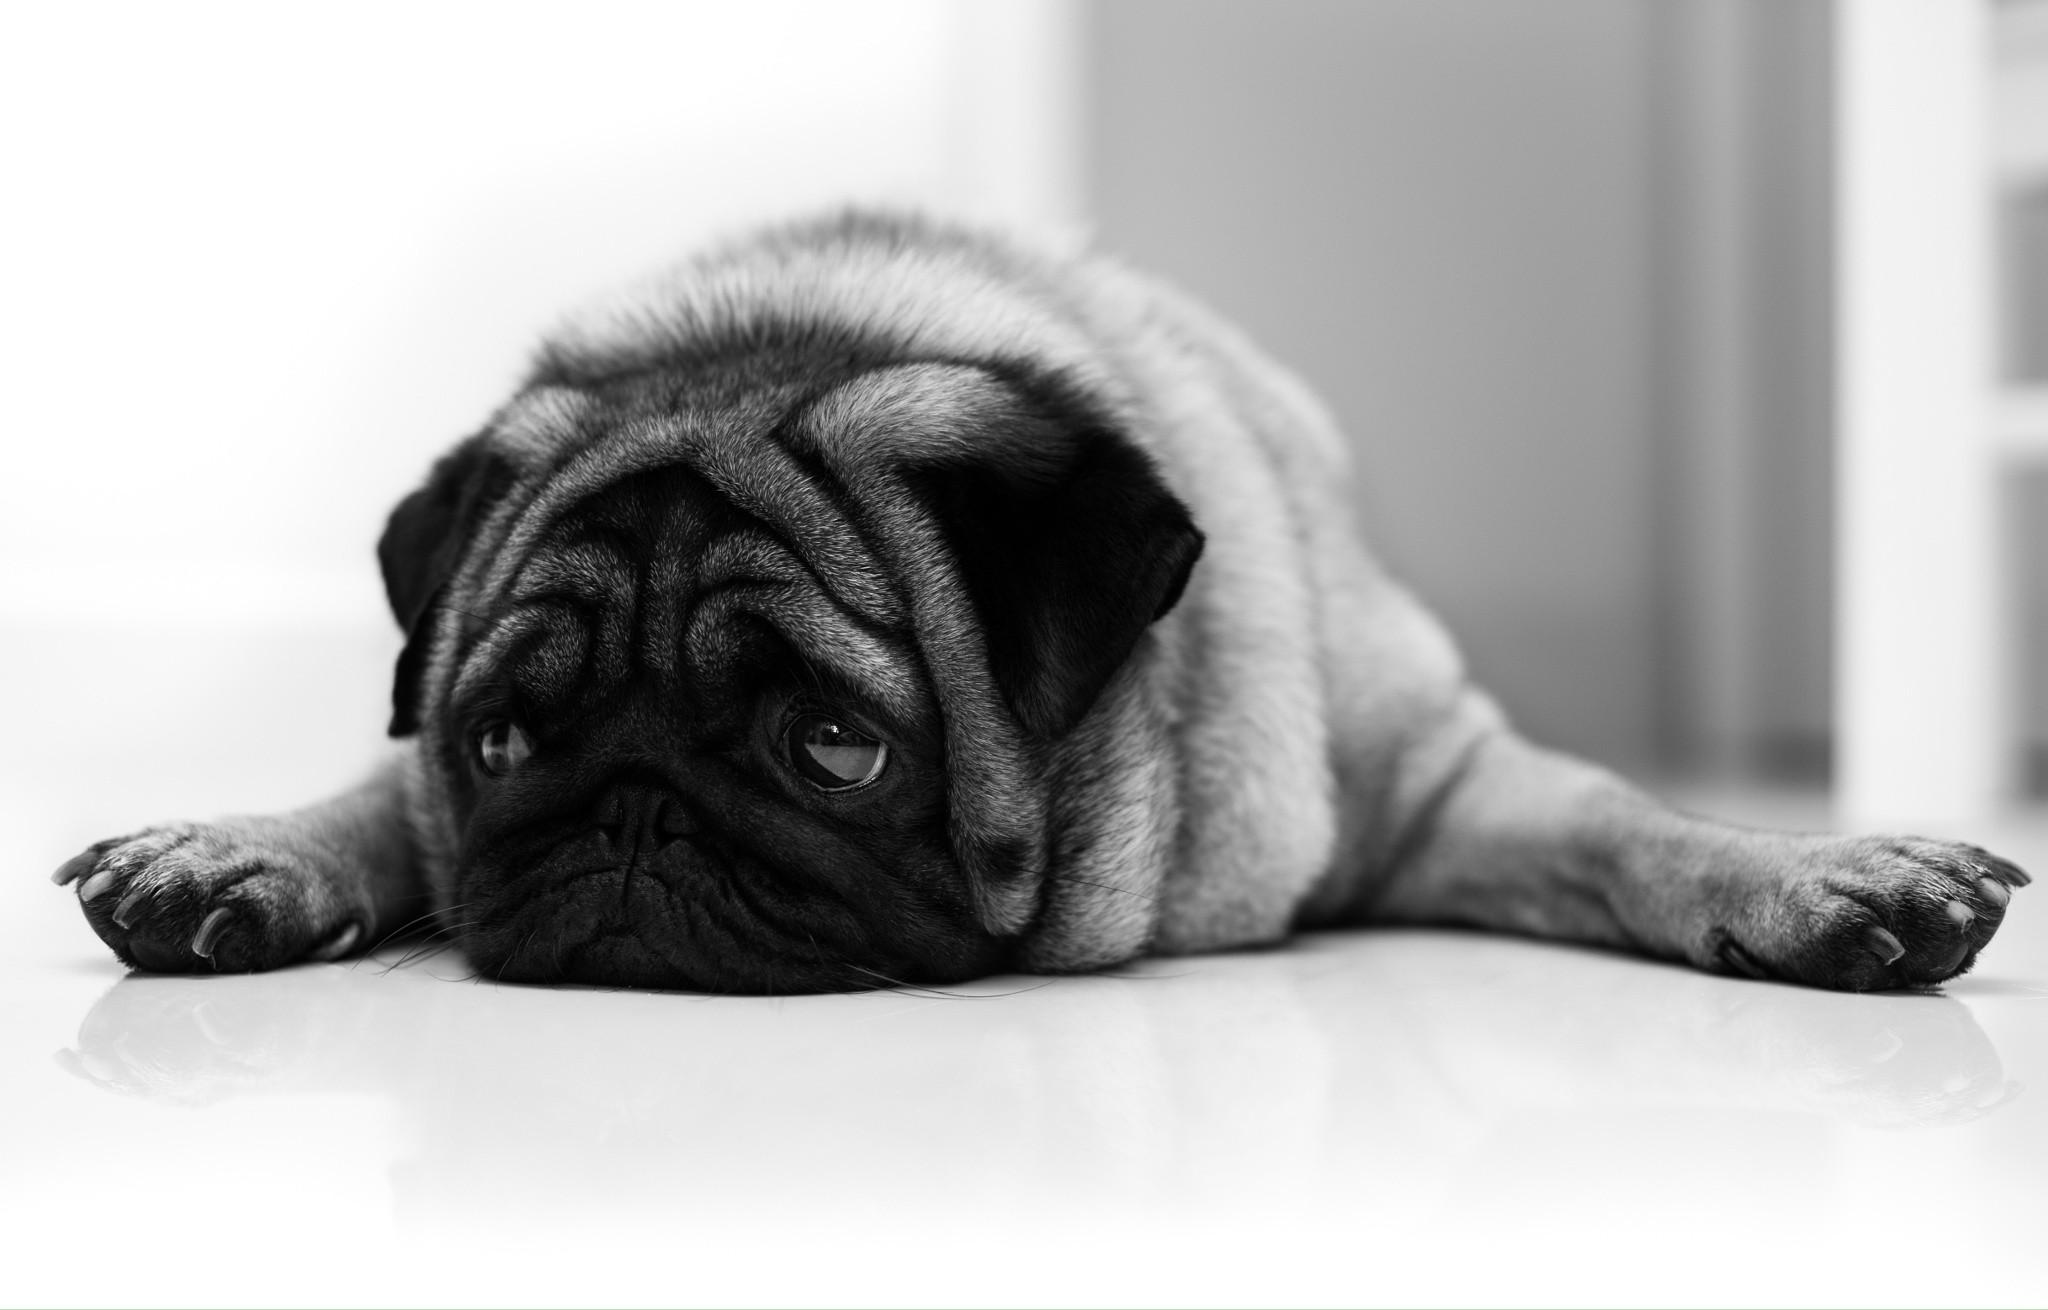 Черно-белый пес на полу  № 1157318 бесплатно